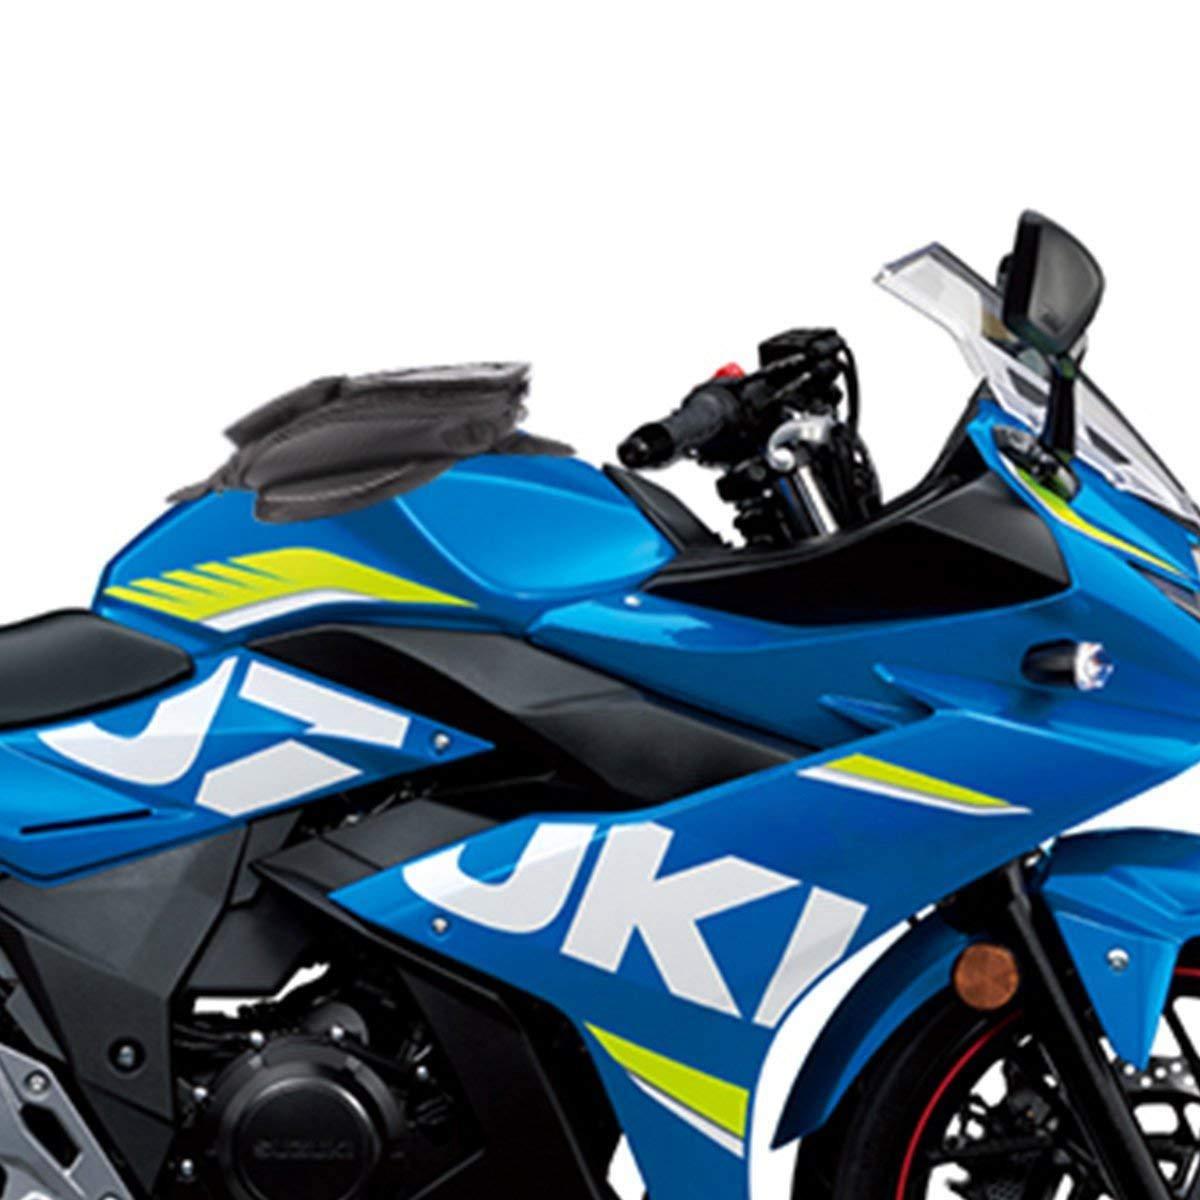 SODIAL Motorrad Gas Tank ?l Beutel Wasserdichter Rucksack Und Magnetische Motorrad Kraftstoff Tasche F/ür Honda Yamah Suzuki Kawasaki Harley